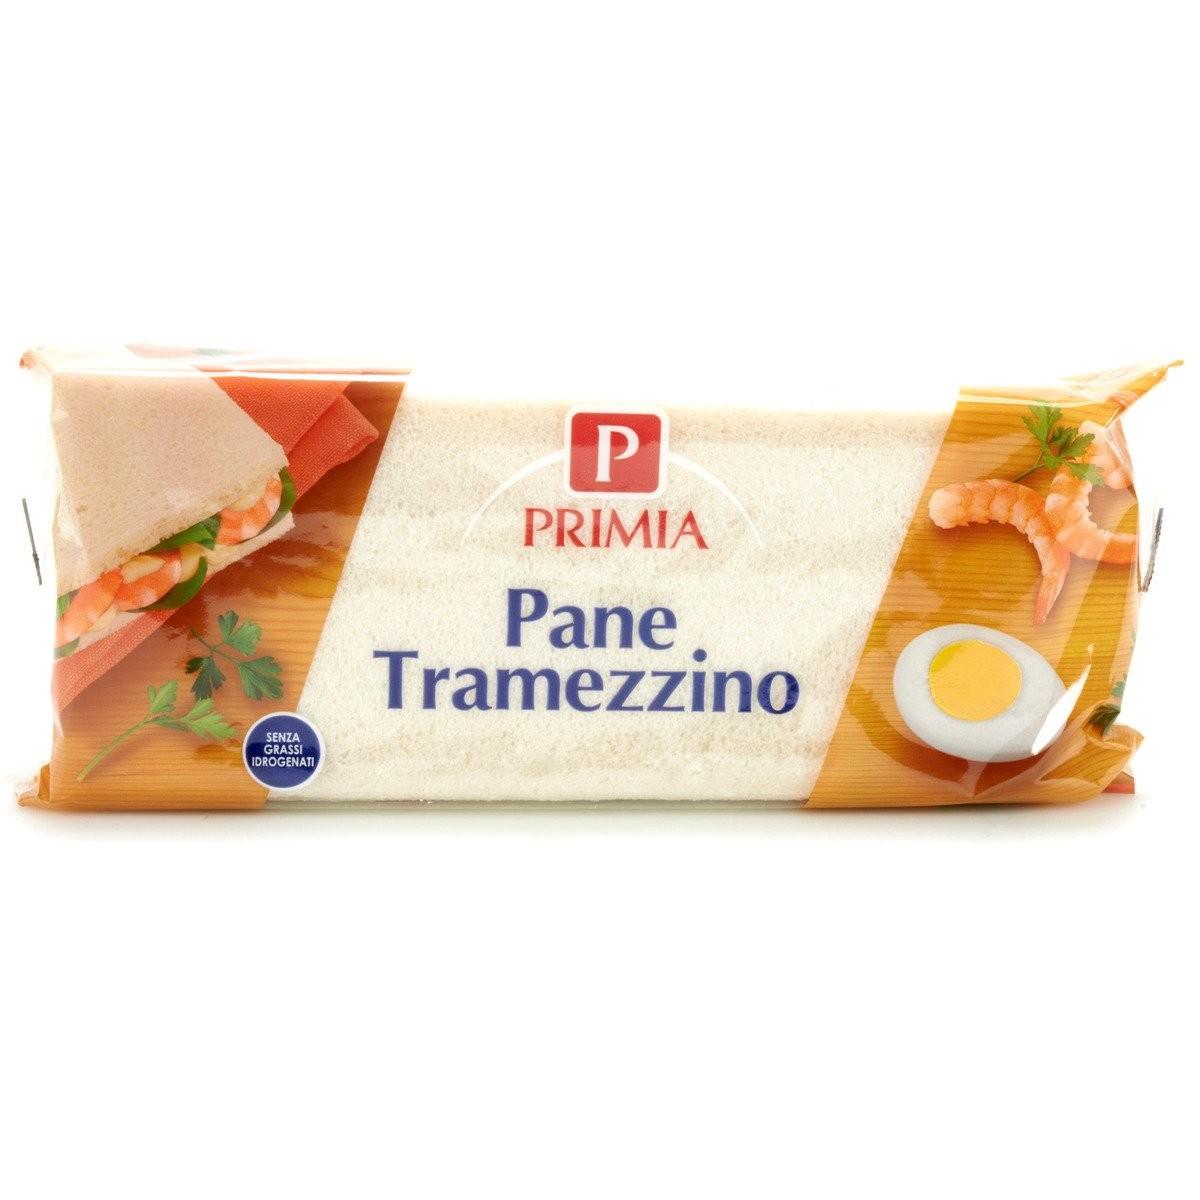 Pane Tramezzino